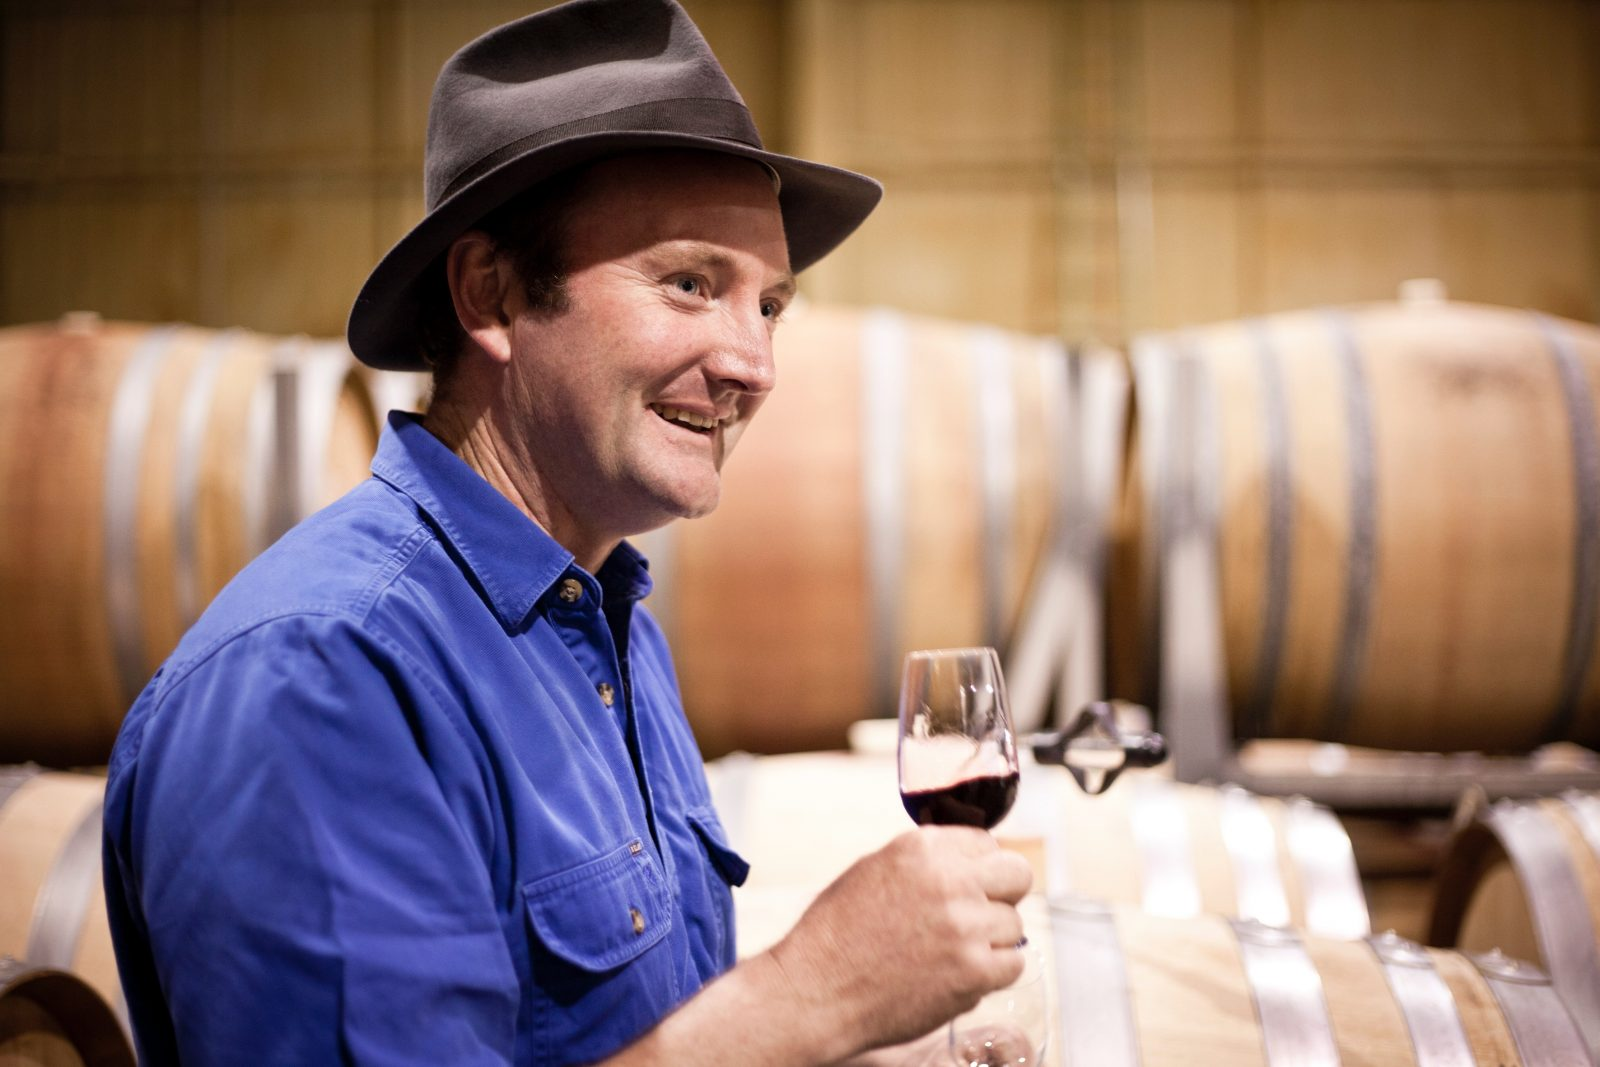 Winemaker Sam Plunkett is looking forward to showcasing the 2019 vintage